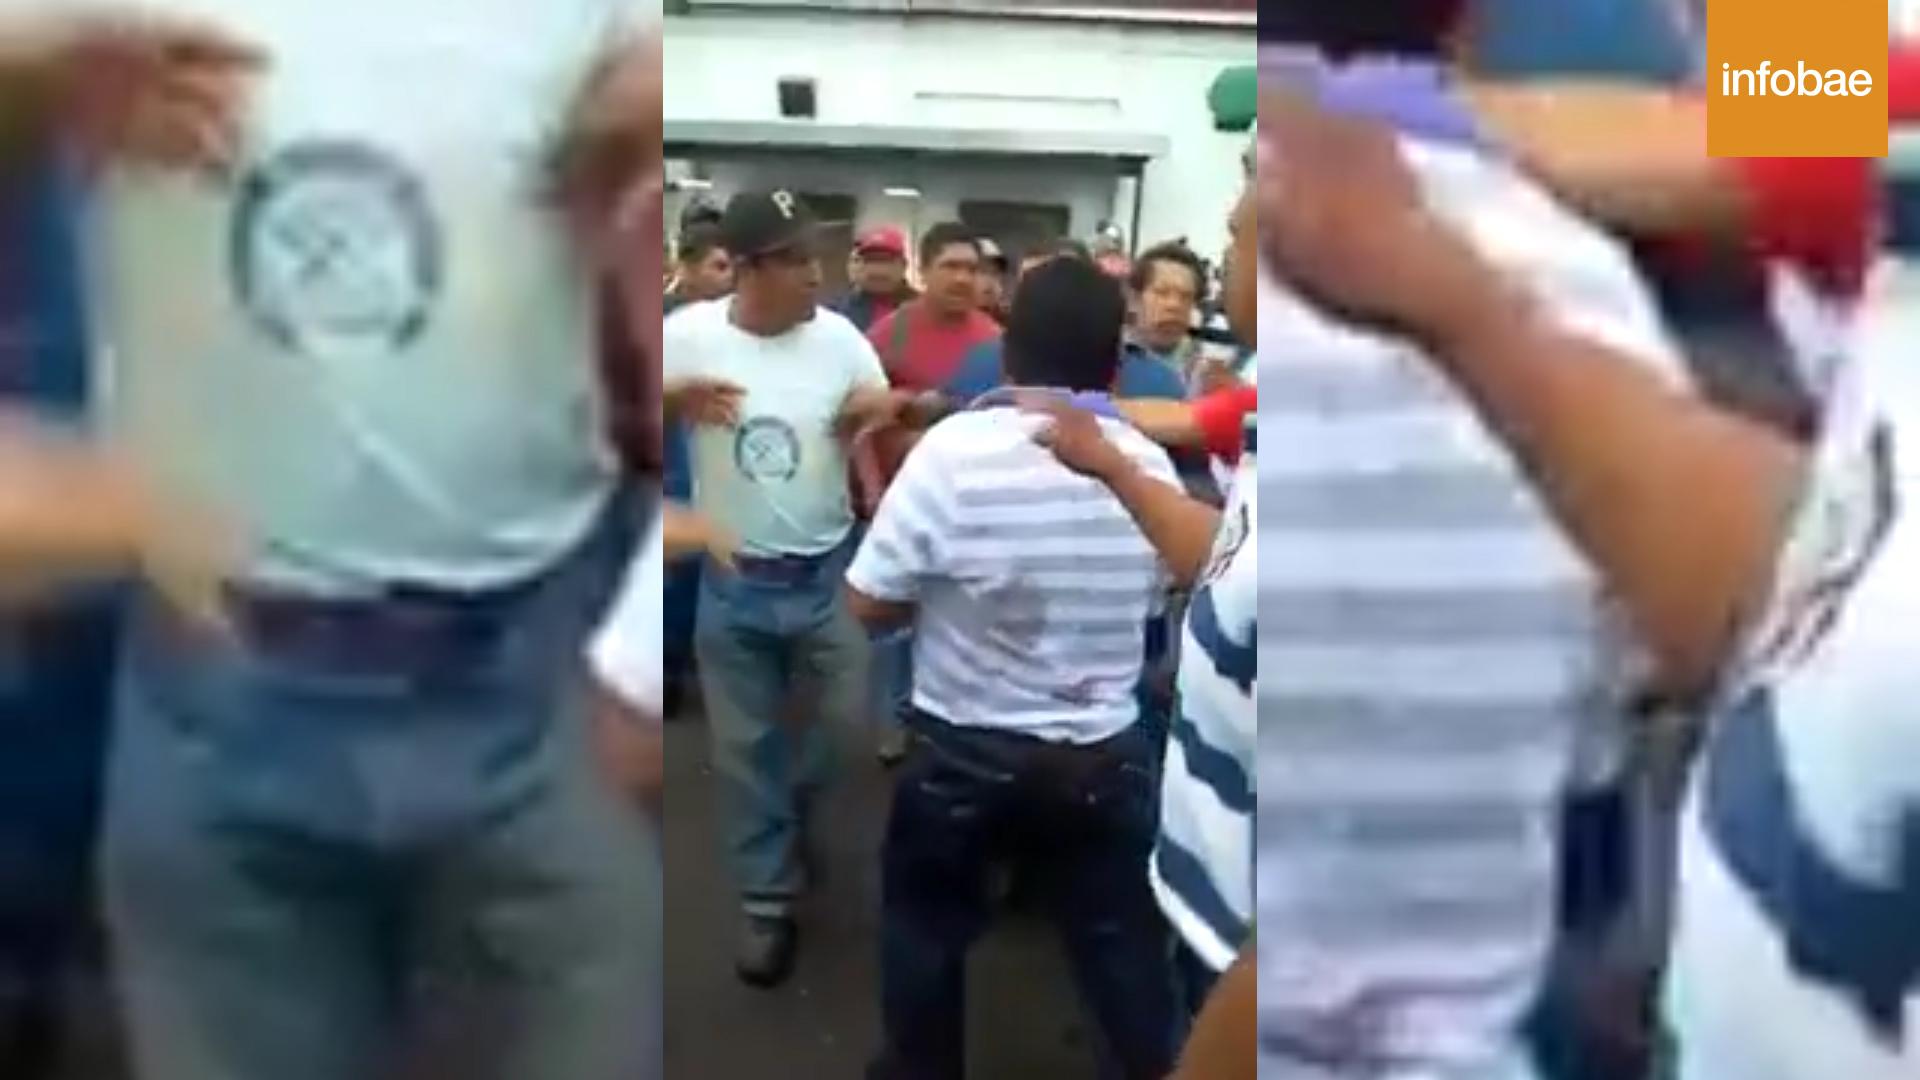 Carlos A. Carrillo primero fue increpado y luego brutalmente golpeado